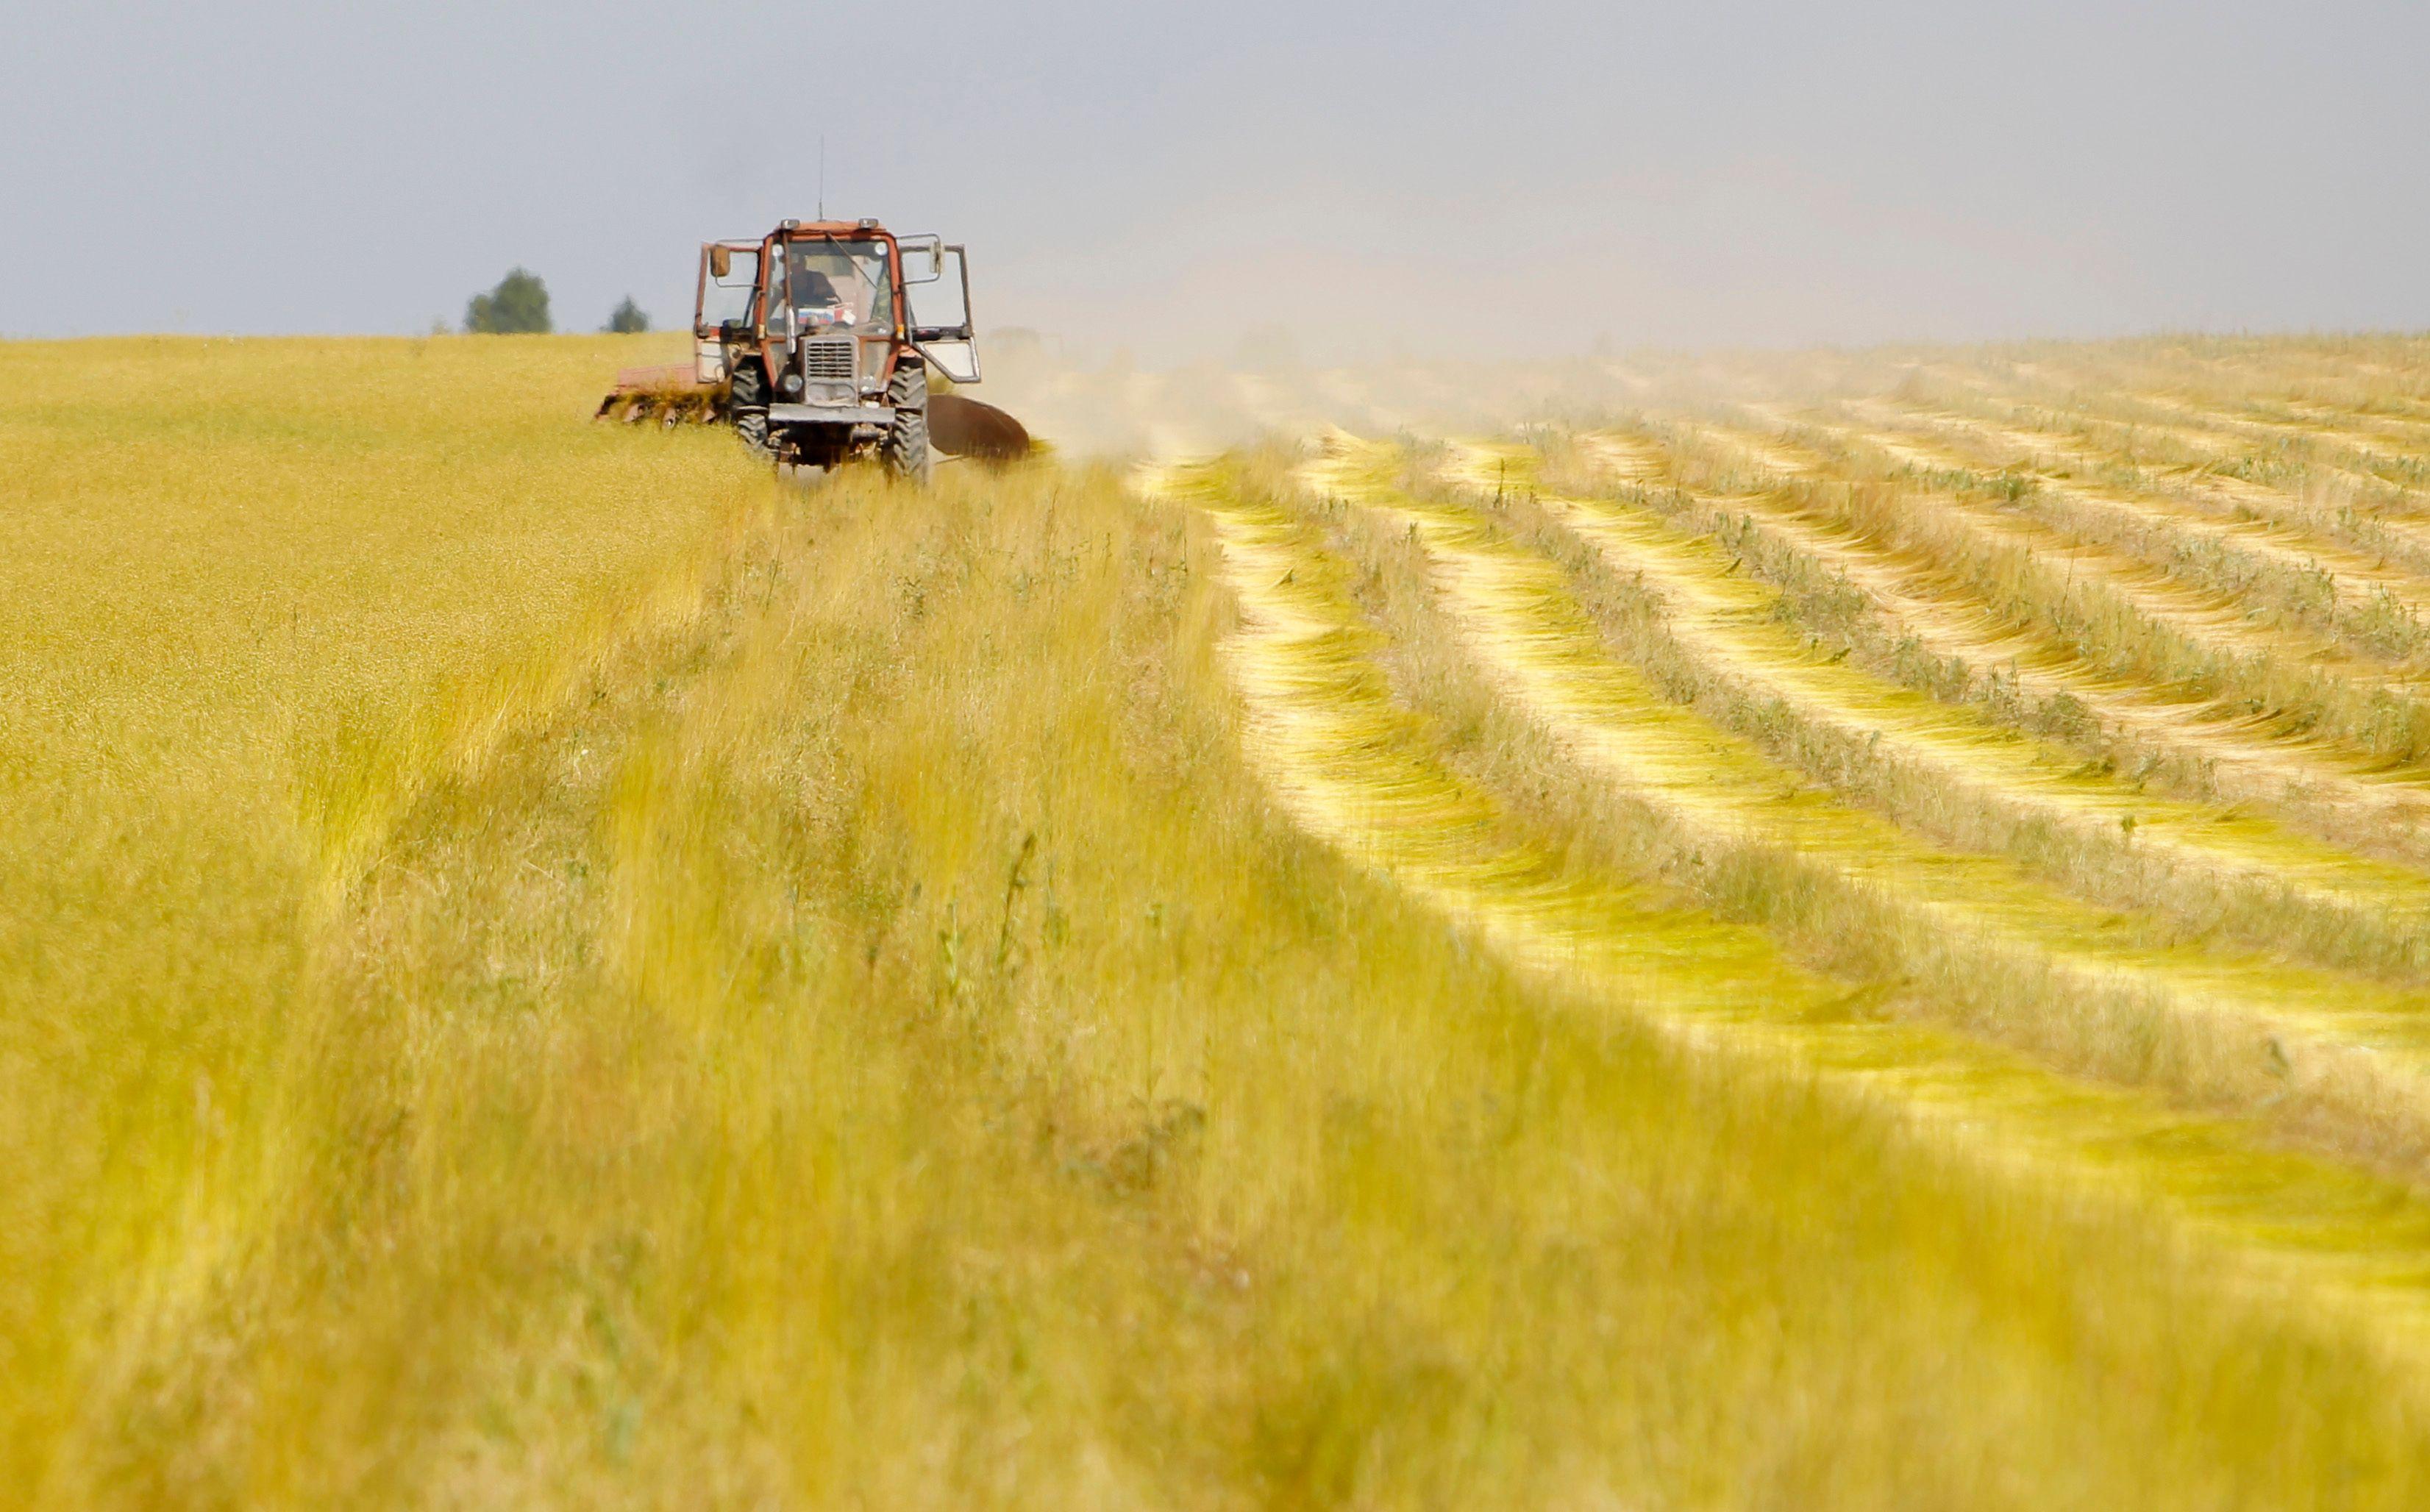 Aveyron : une inspectrice meurt poussée dans un étang par un agriculteur